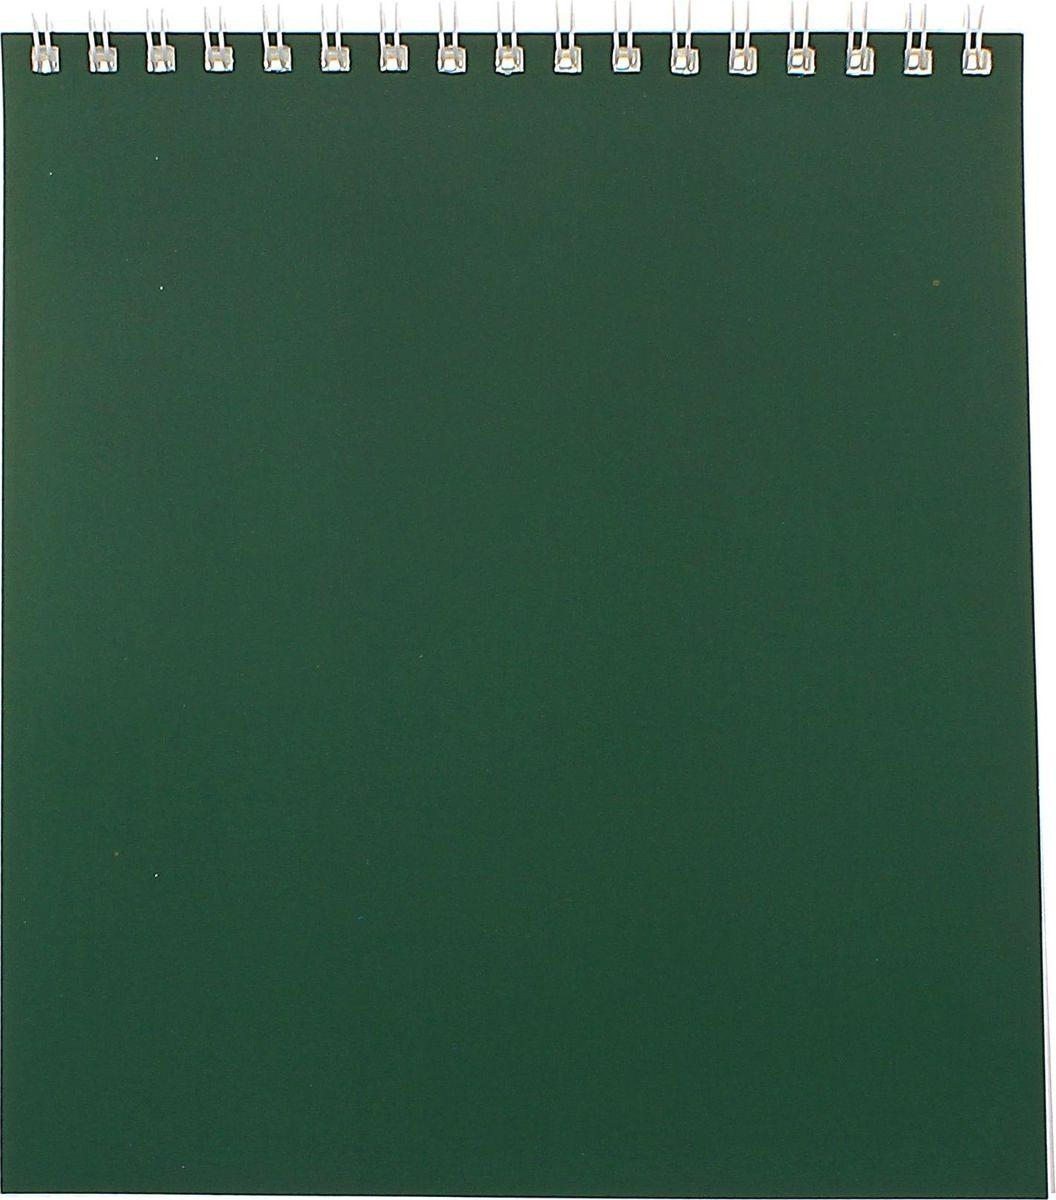 ПЗБФ Блокнот Корпоративный 40 листов цвет зеленый Формат A5649907Блокнот ПЗБФ Корпоративный формата A5 предназначен для записей и заметок. Обложка выполнена из картона. Внутренний блок содержит 40 листов в клетку. Такой аксессуар прекрасно подойдет для фиксации повседневных дел.